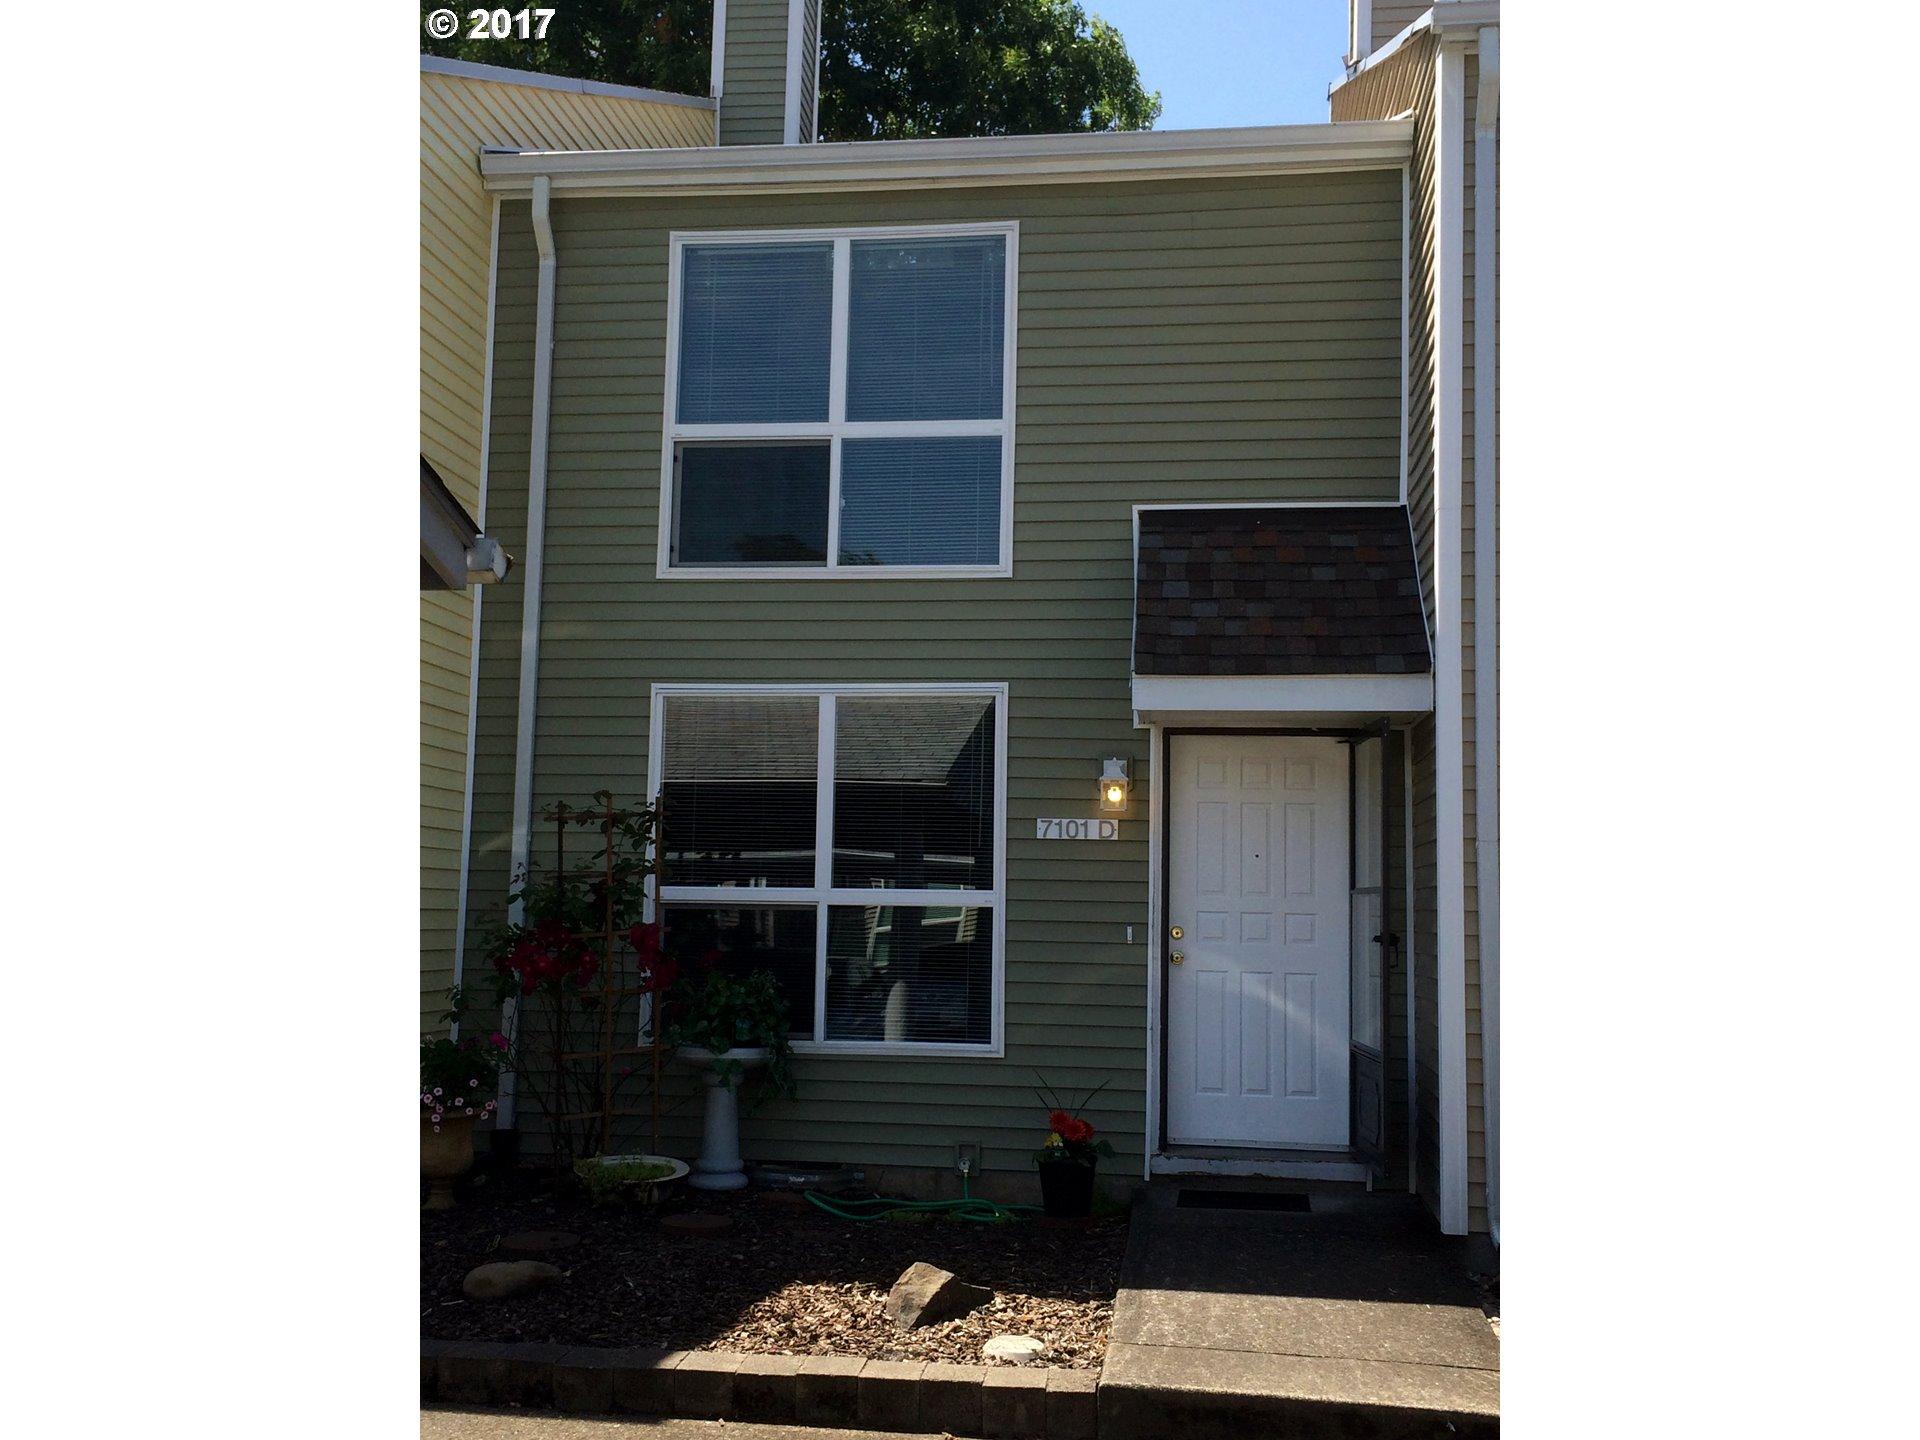 7101 NE 43RD ST D-14, Vancouver, WA 98661